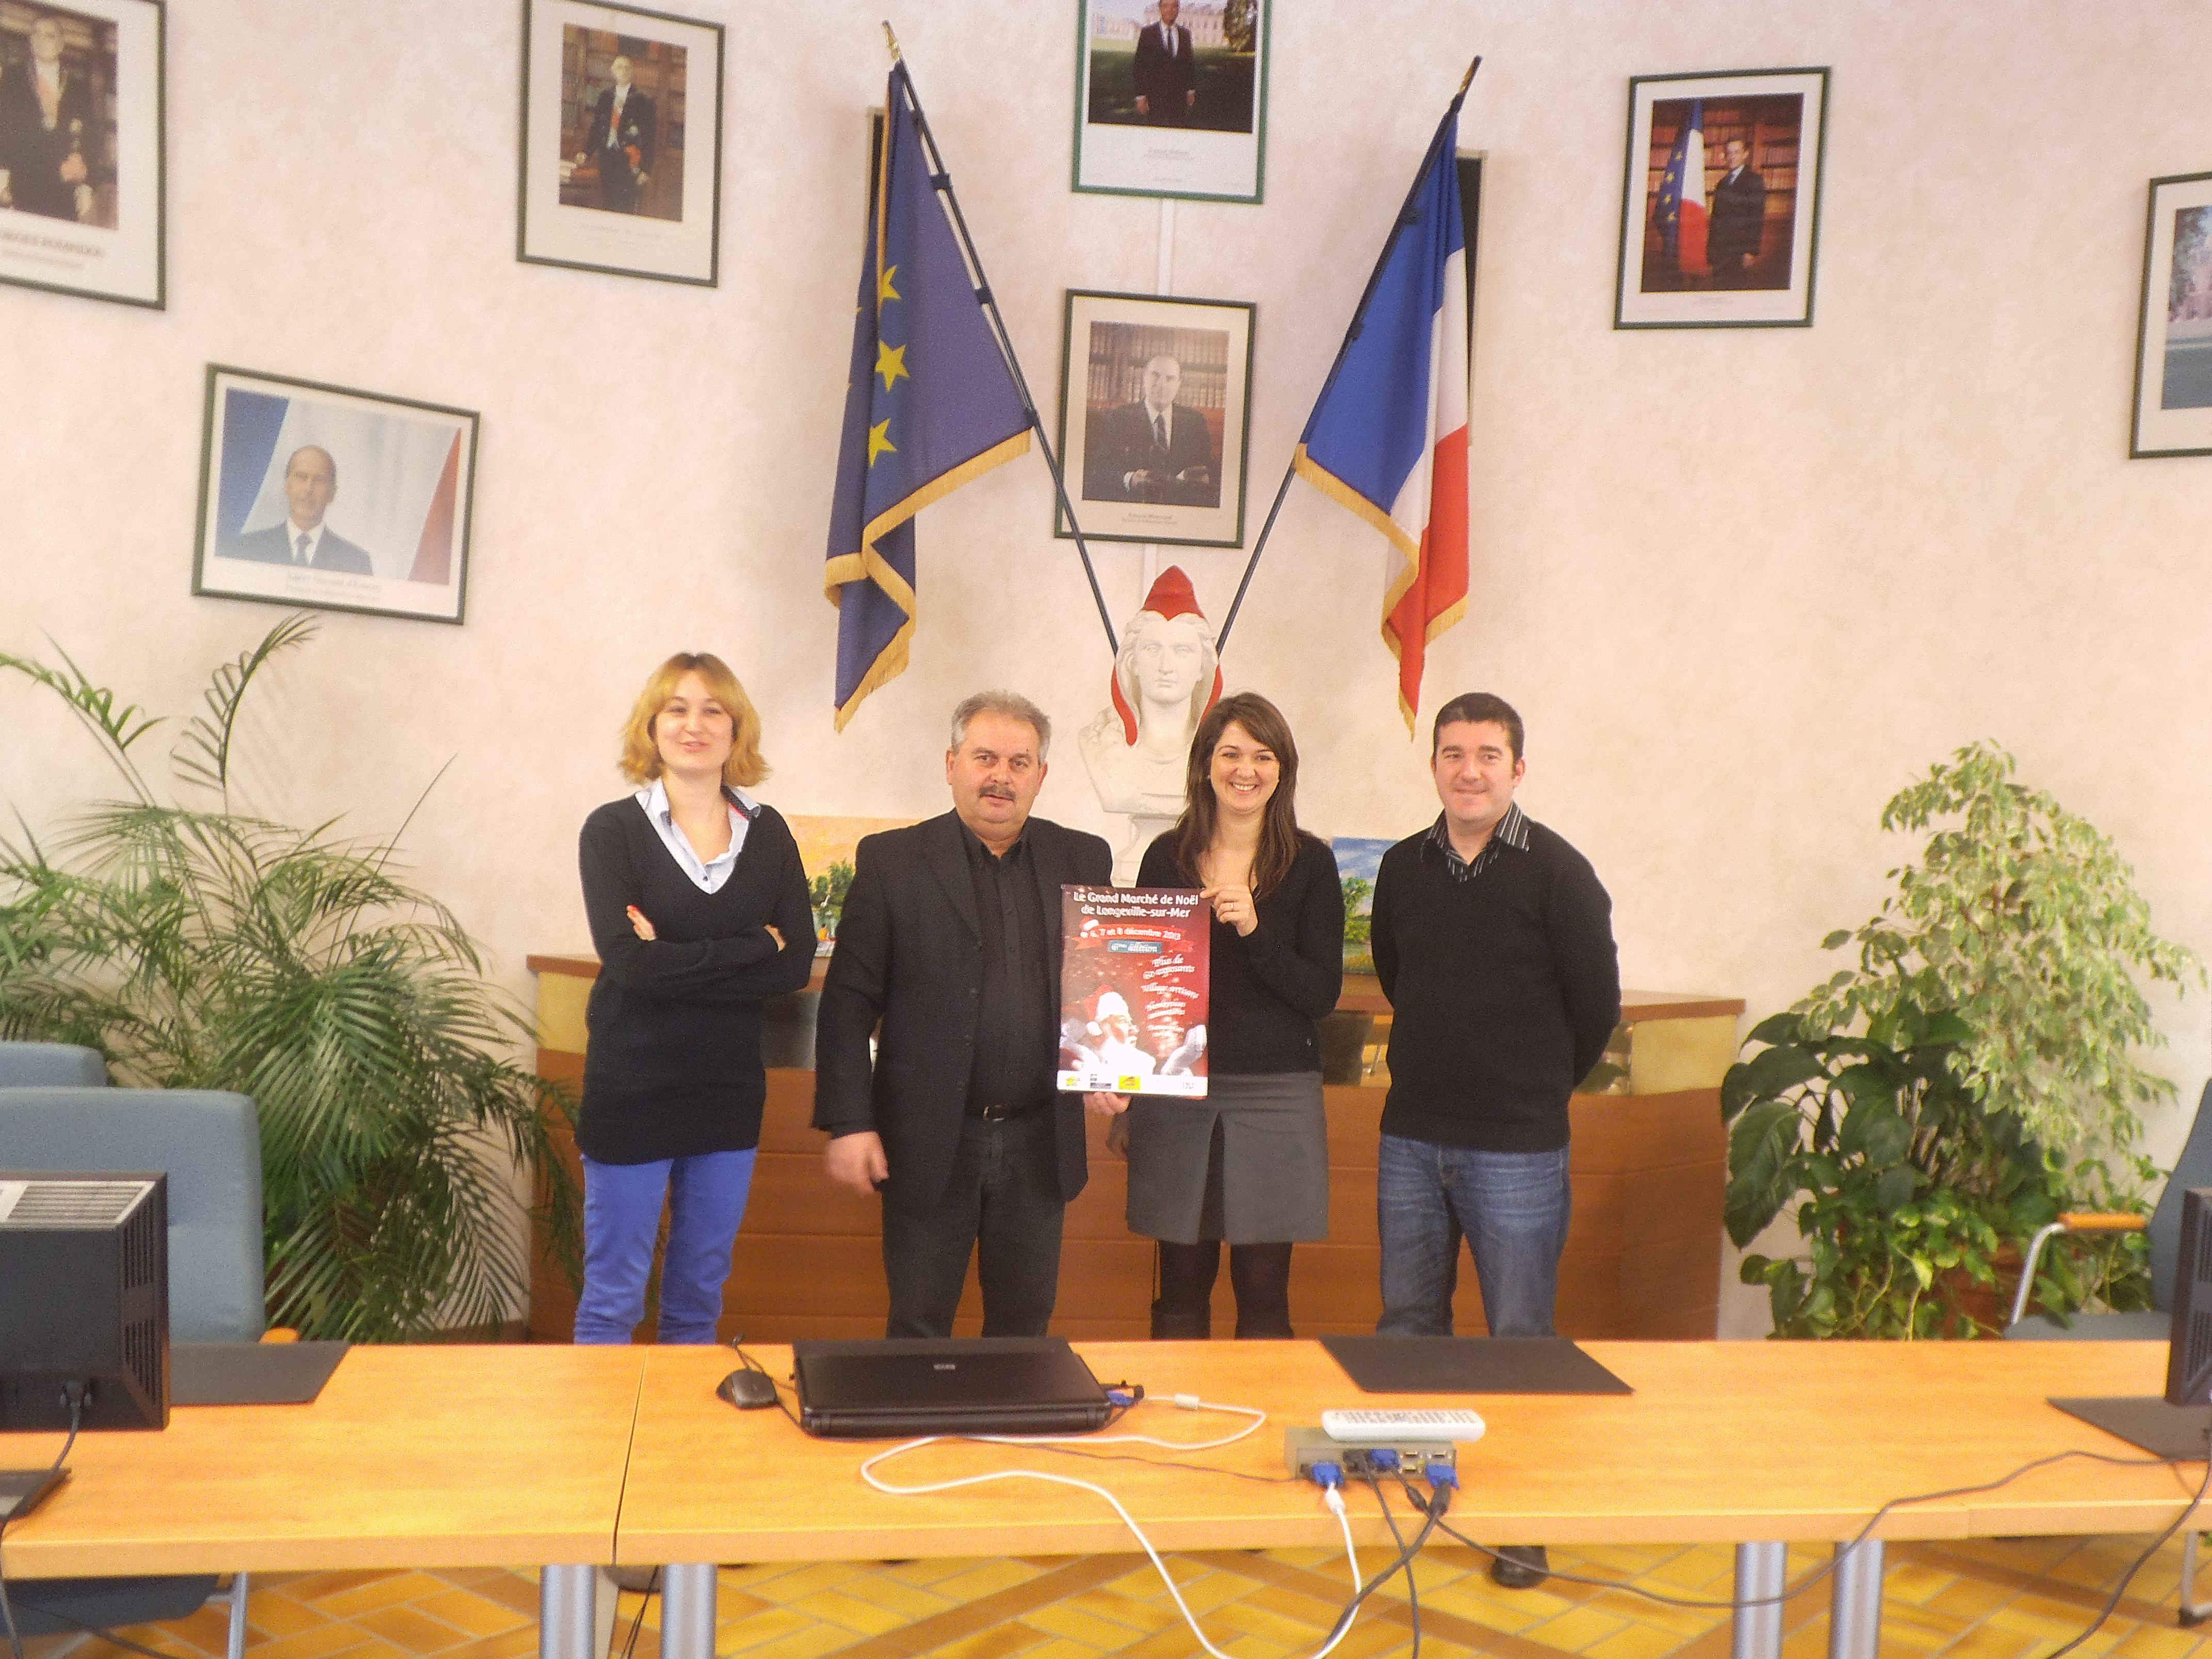 Edith Roy de l'associaiton Autistes sans frontières, Michel Bridonneau, le Maire  Nathalie Barbeau, organisatrice du Marché de Noël ,et Samuel Boudeau